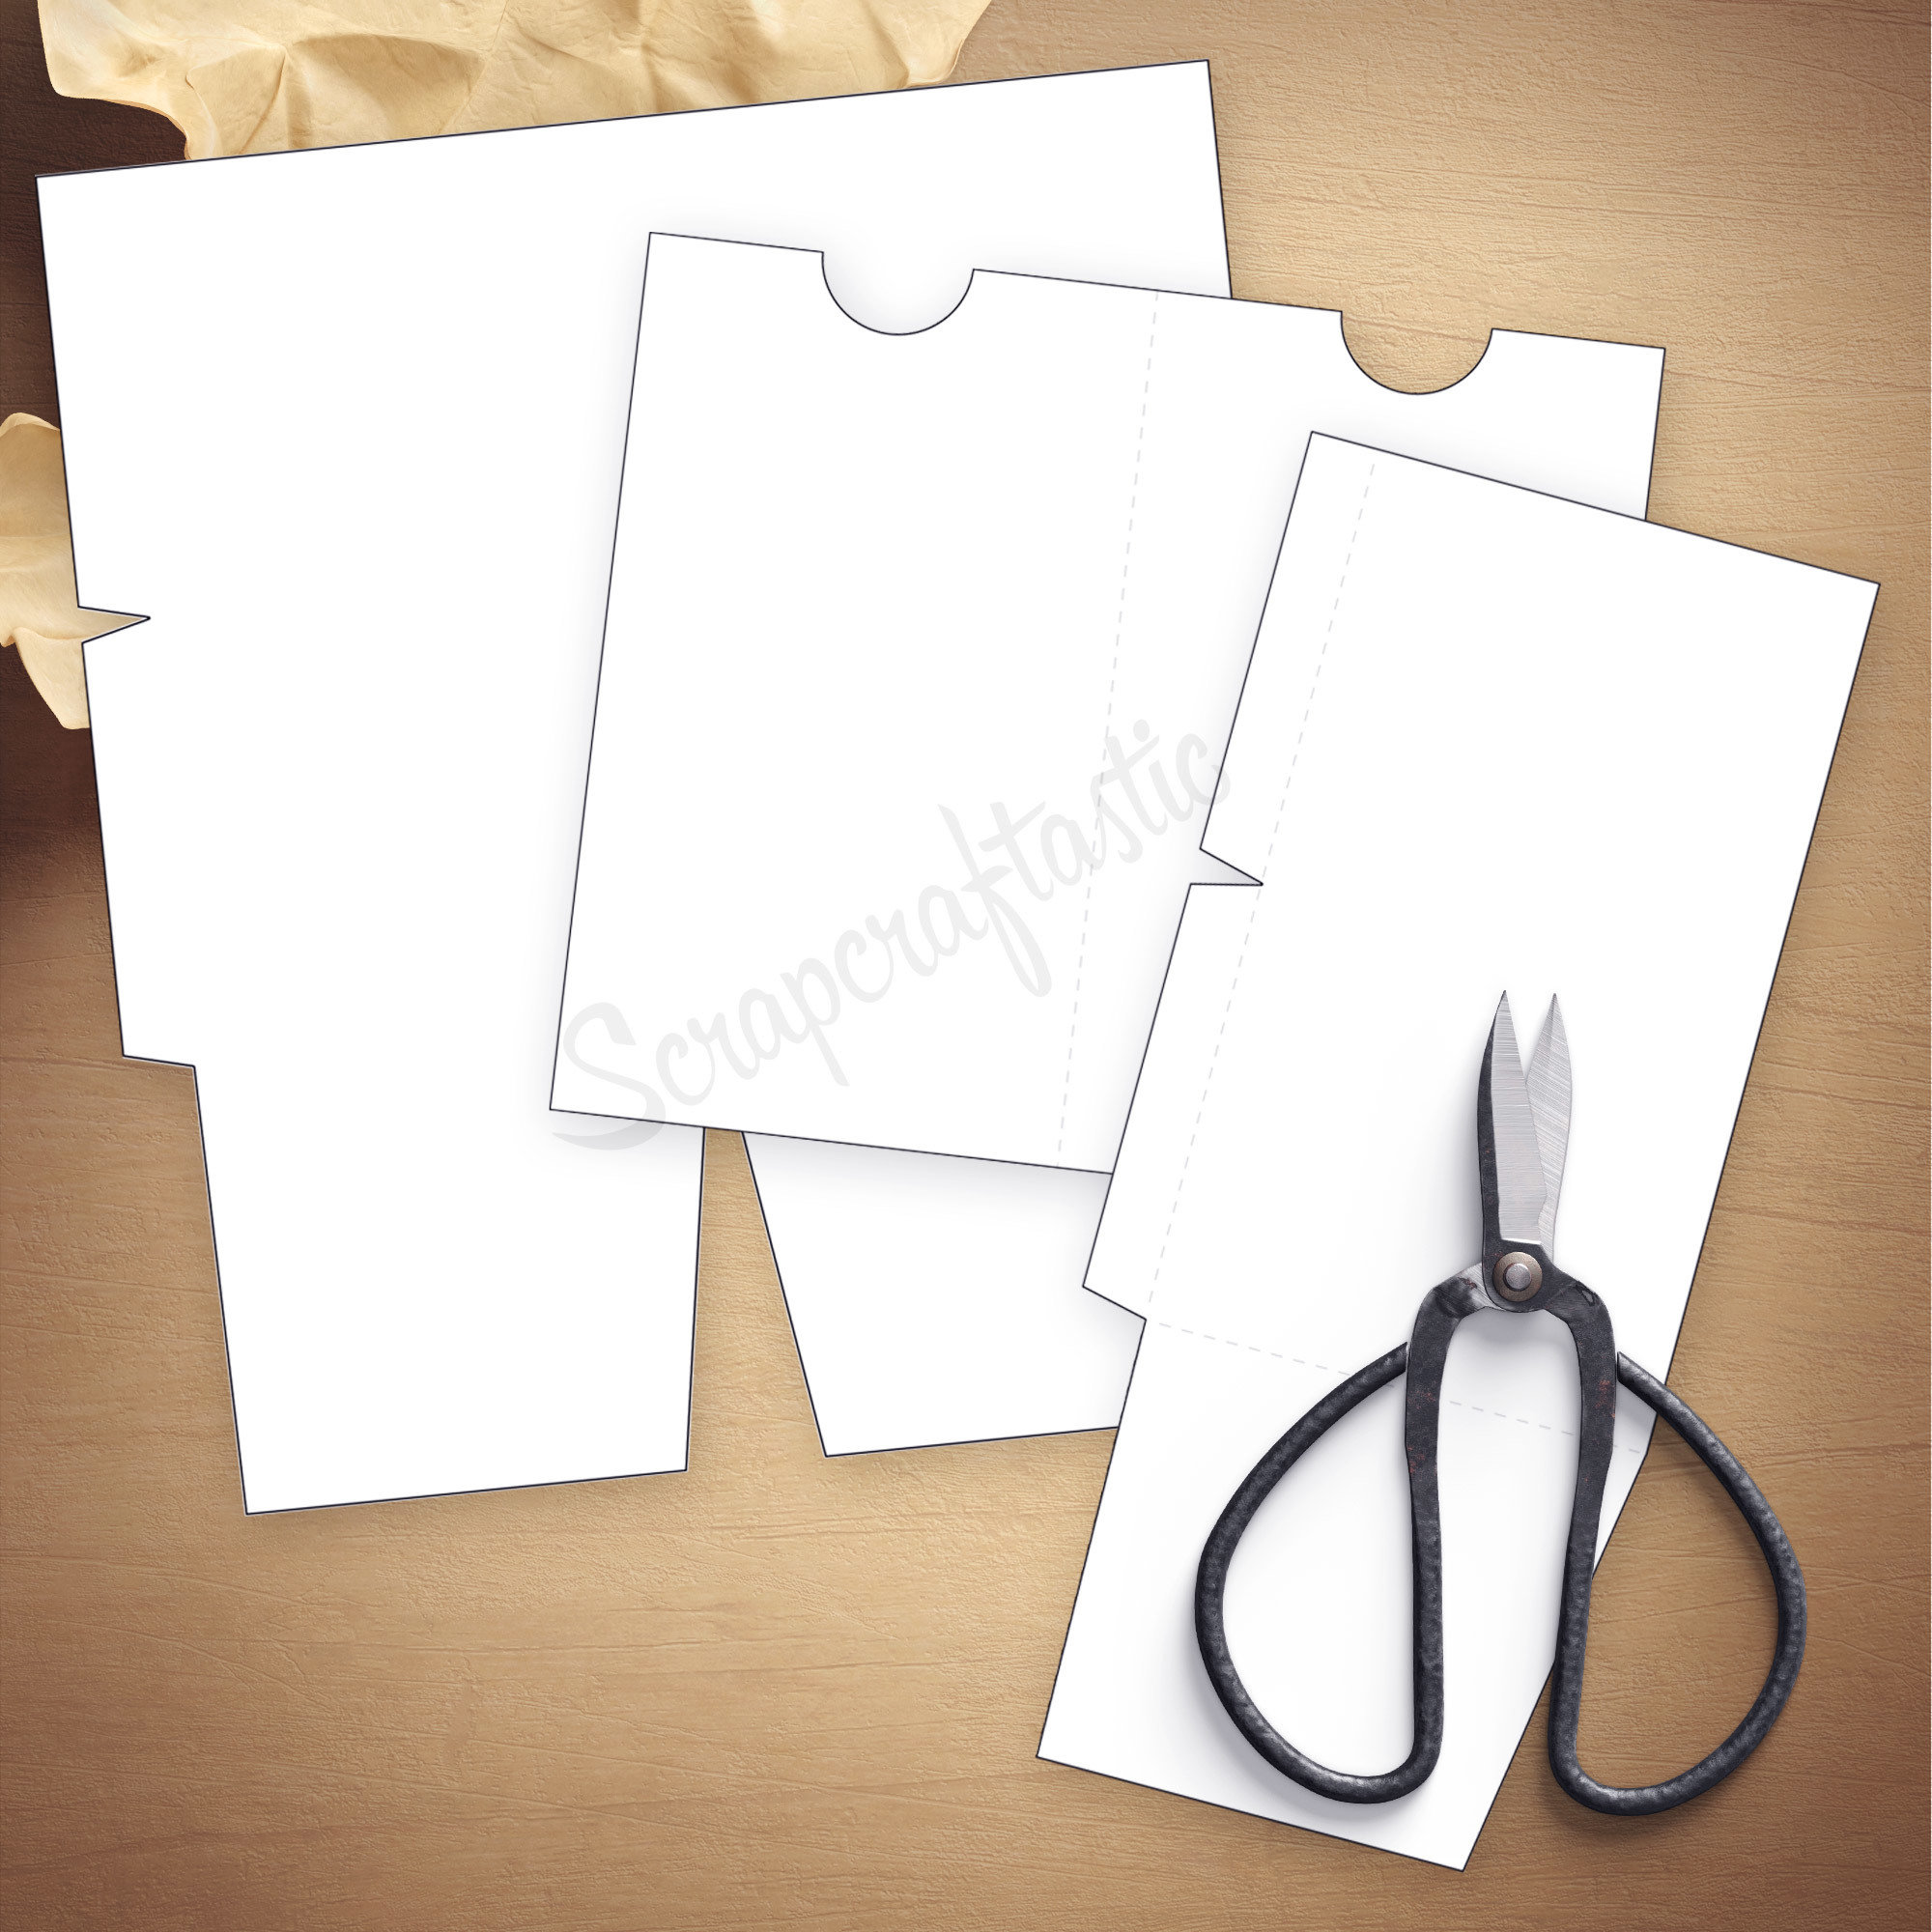 Folder Insert Template for Cahier Size Traveler's Notebook 07024